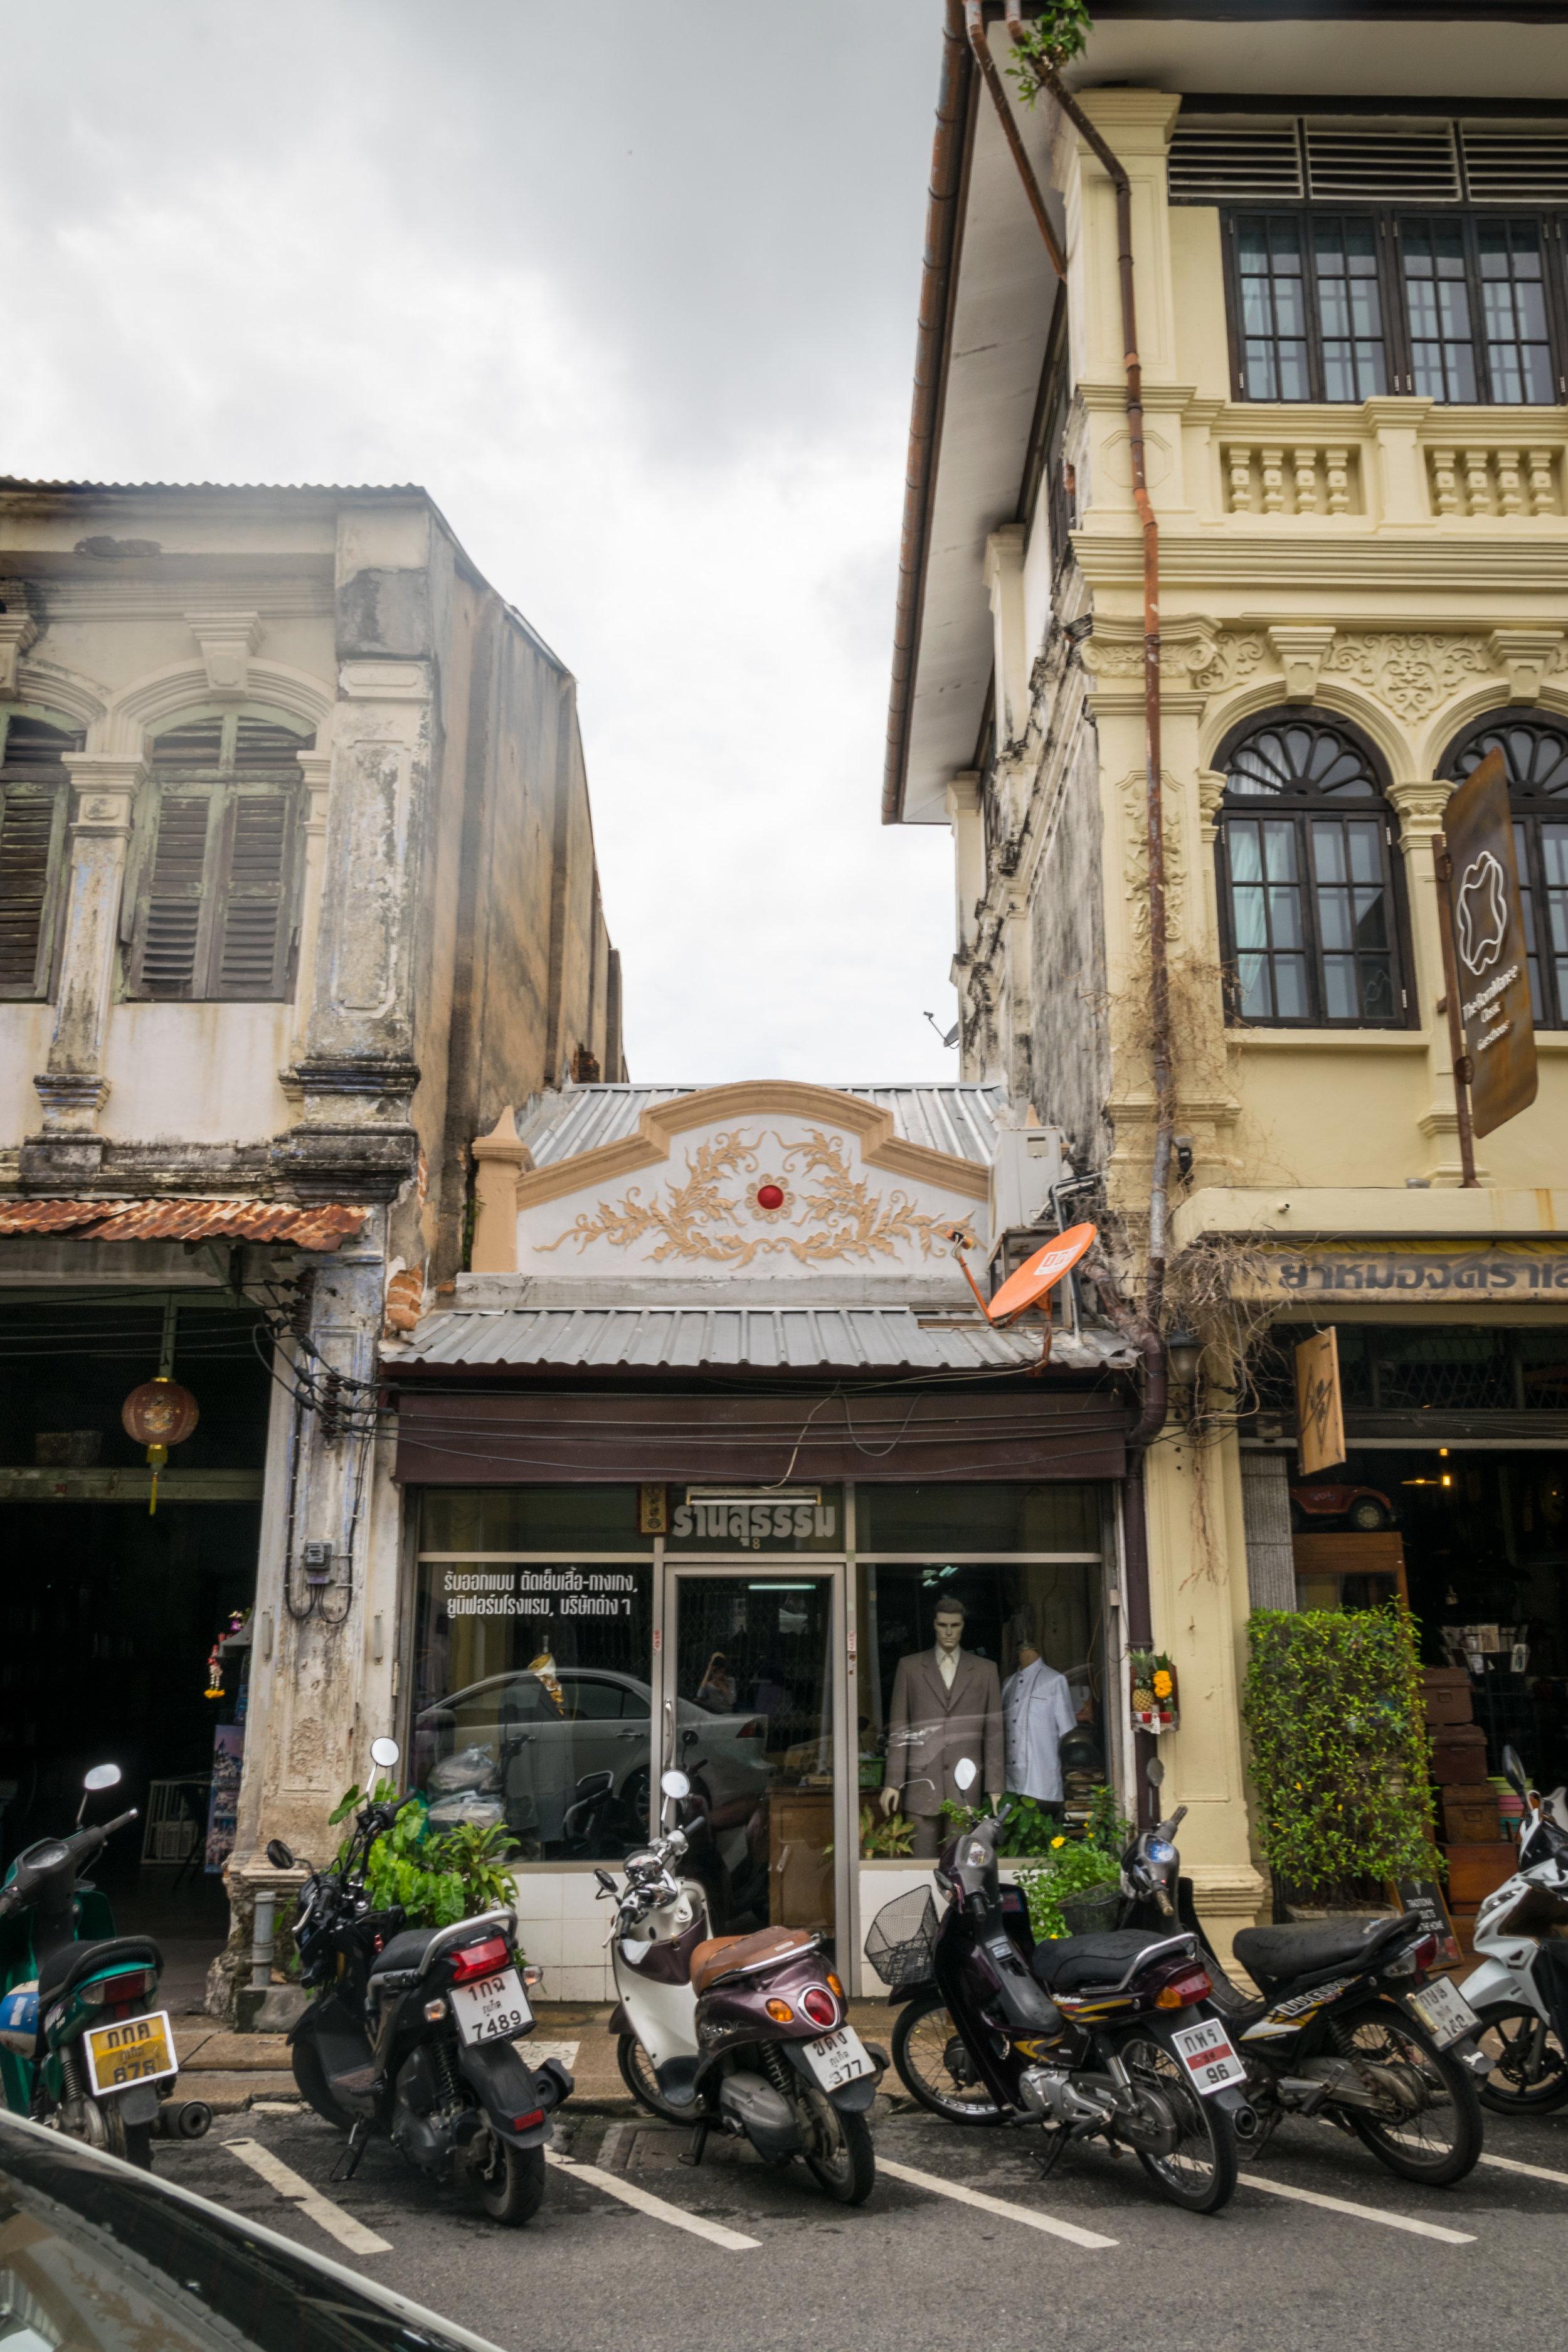 Phuket Old Town buildings-9.jpg